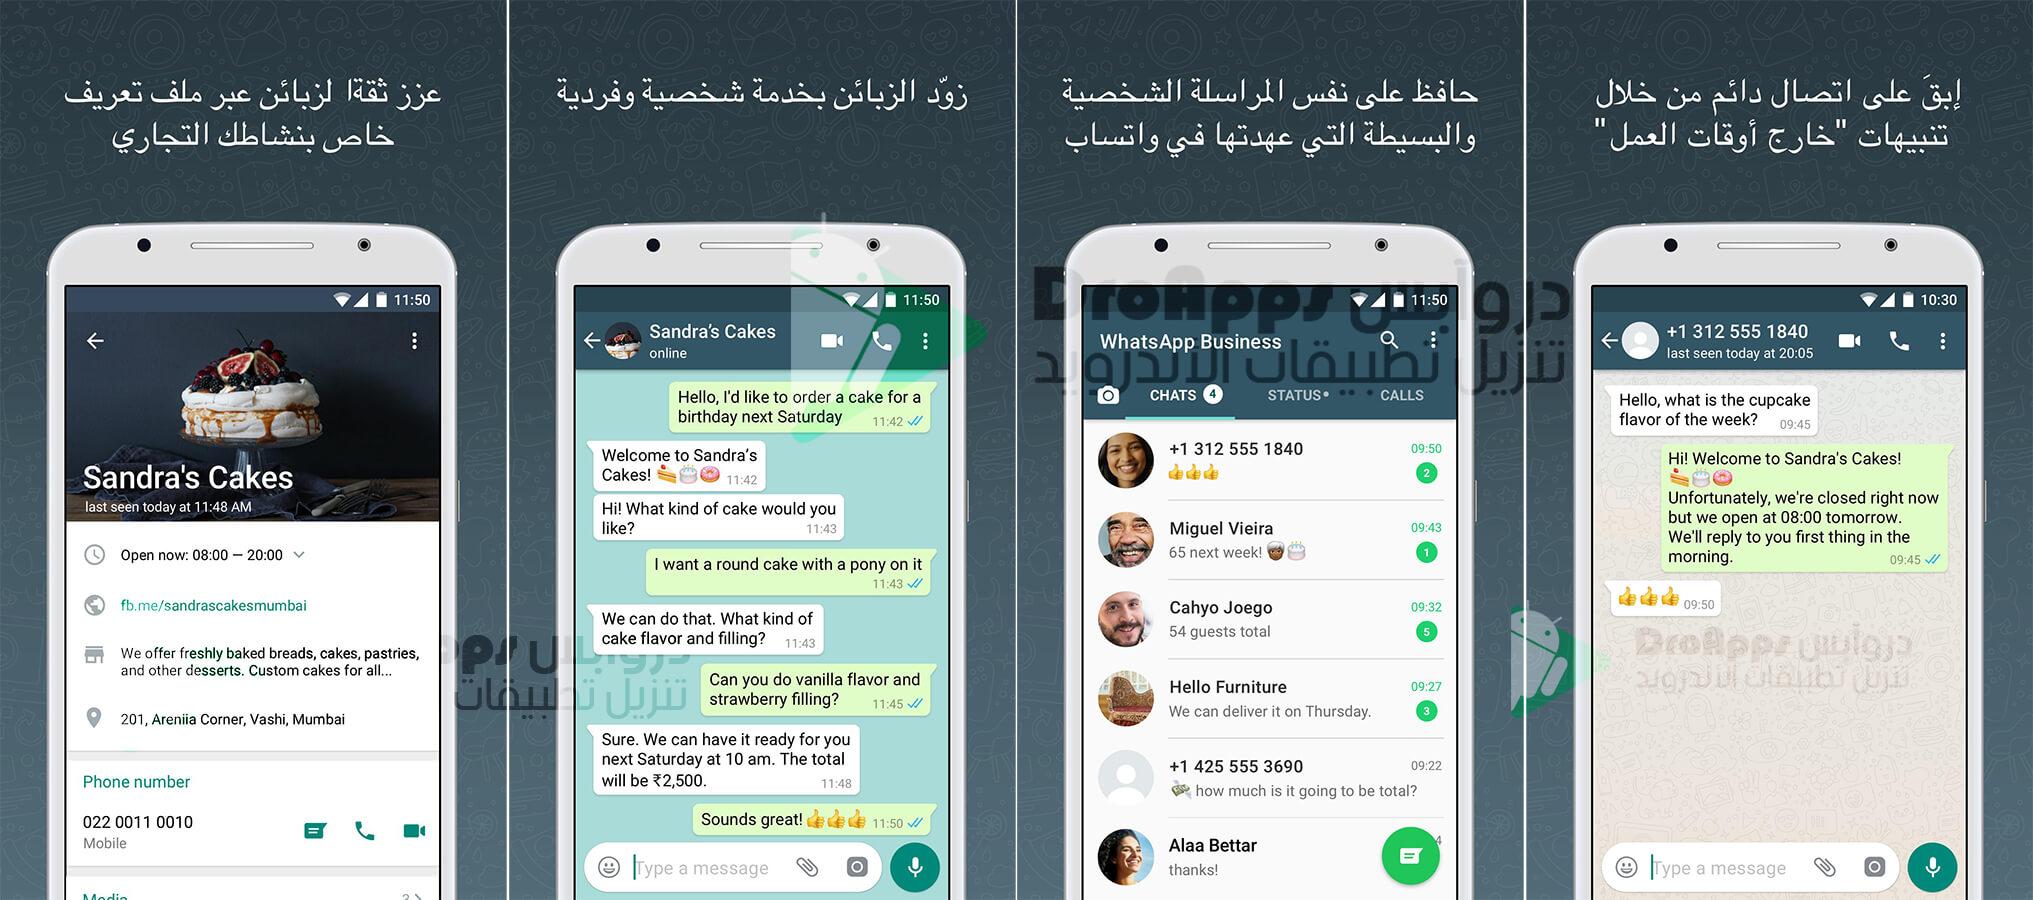 لقطات شاشة تطبيق واتس اب أعمال WhatsApp Business